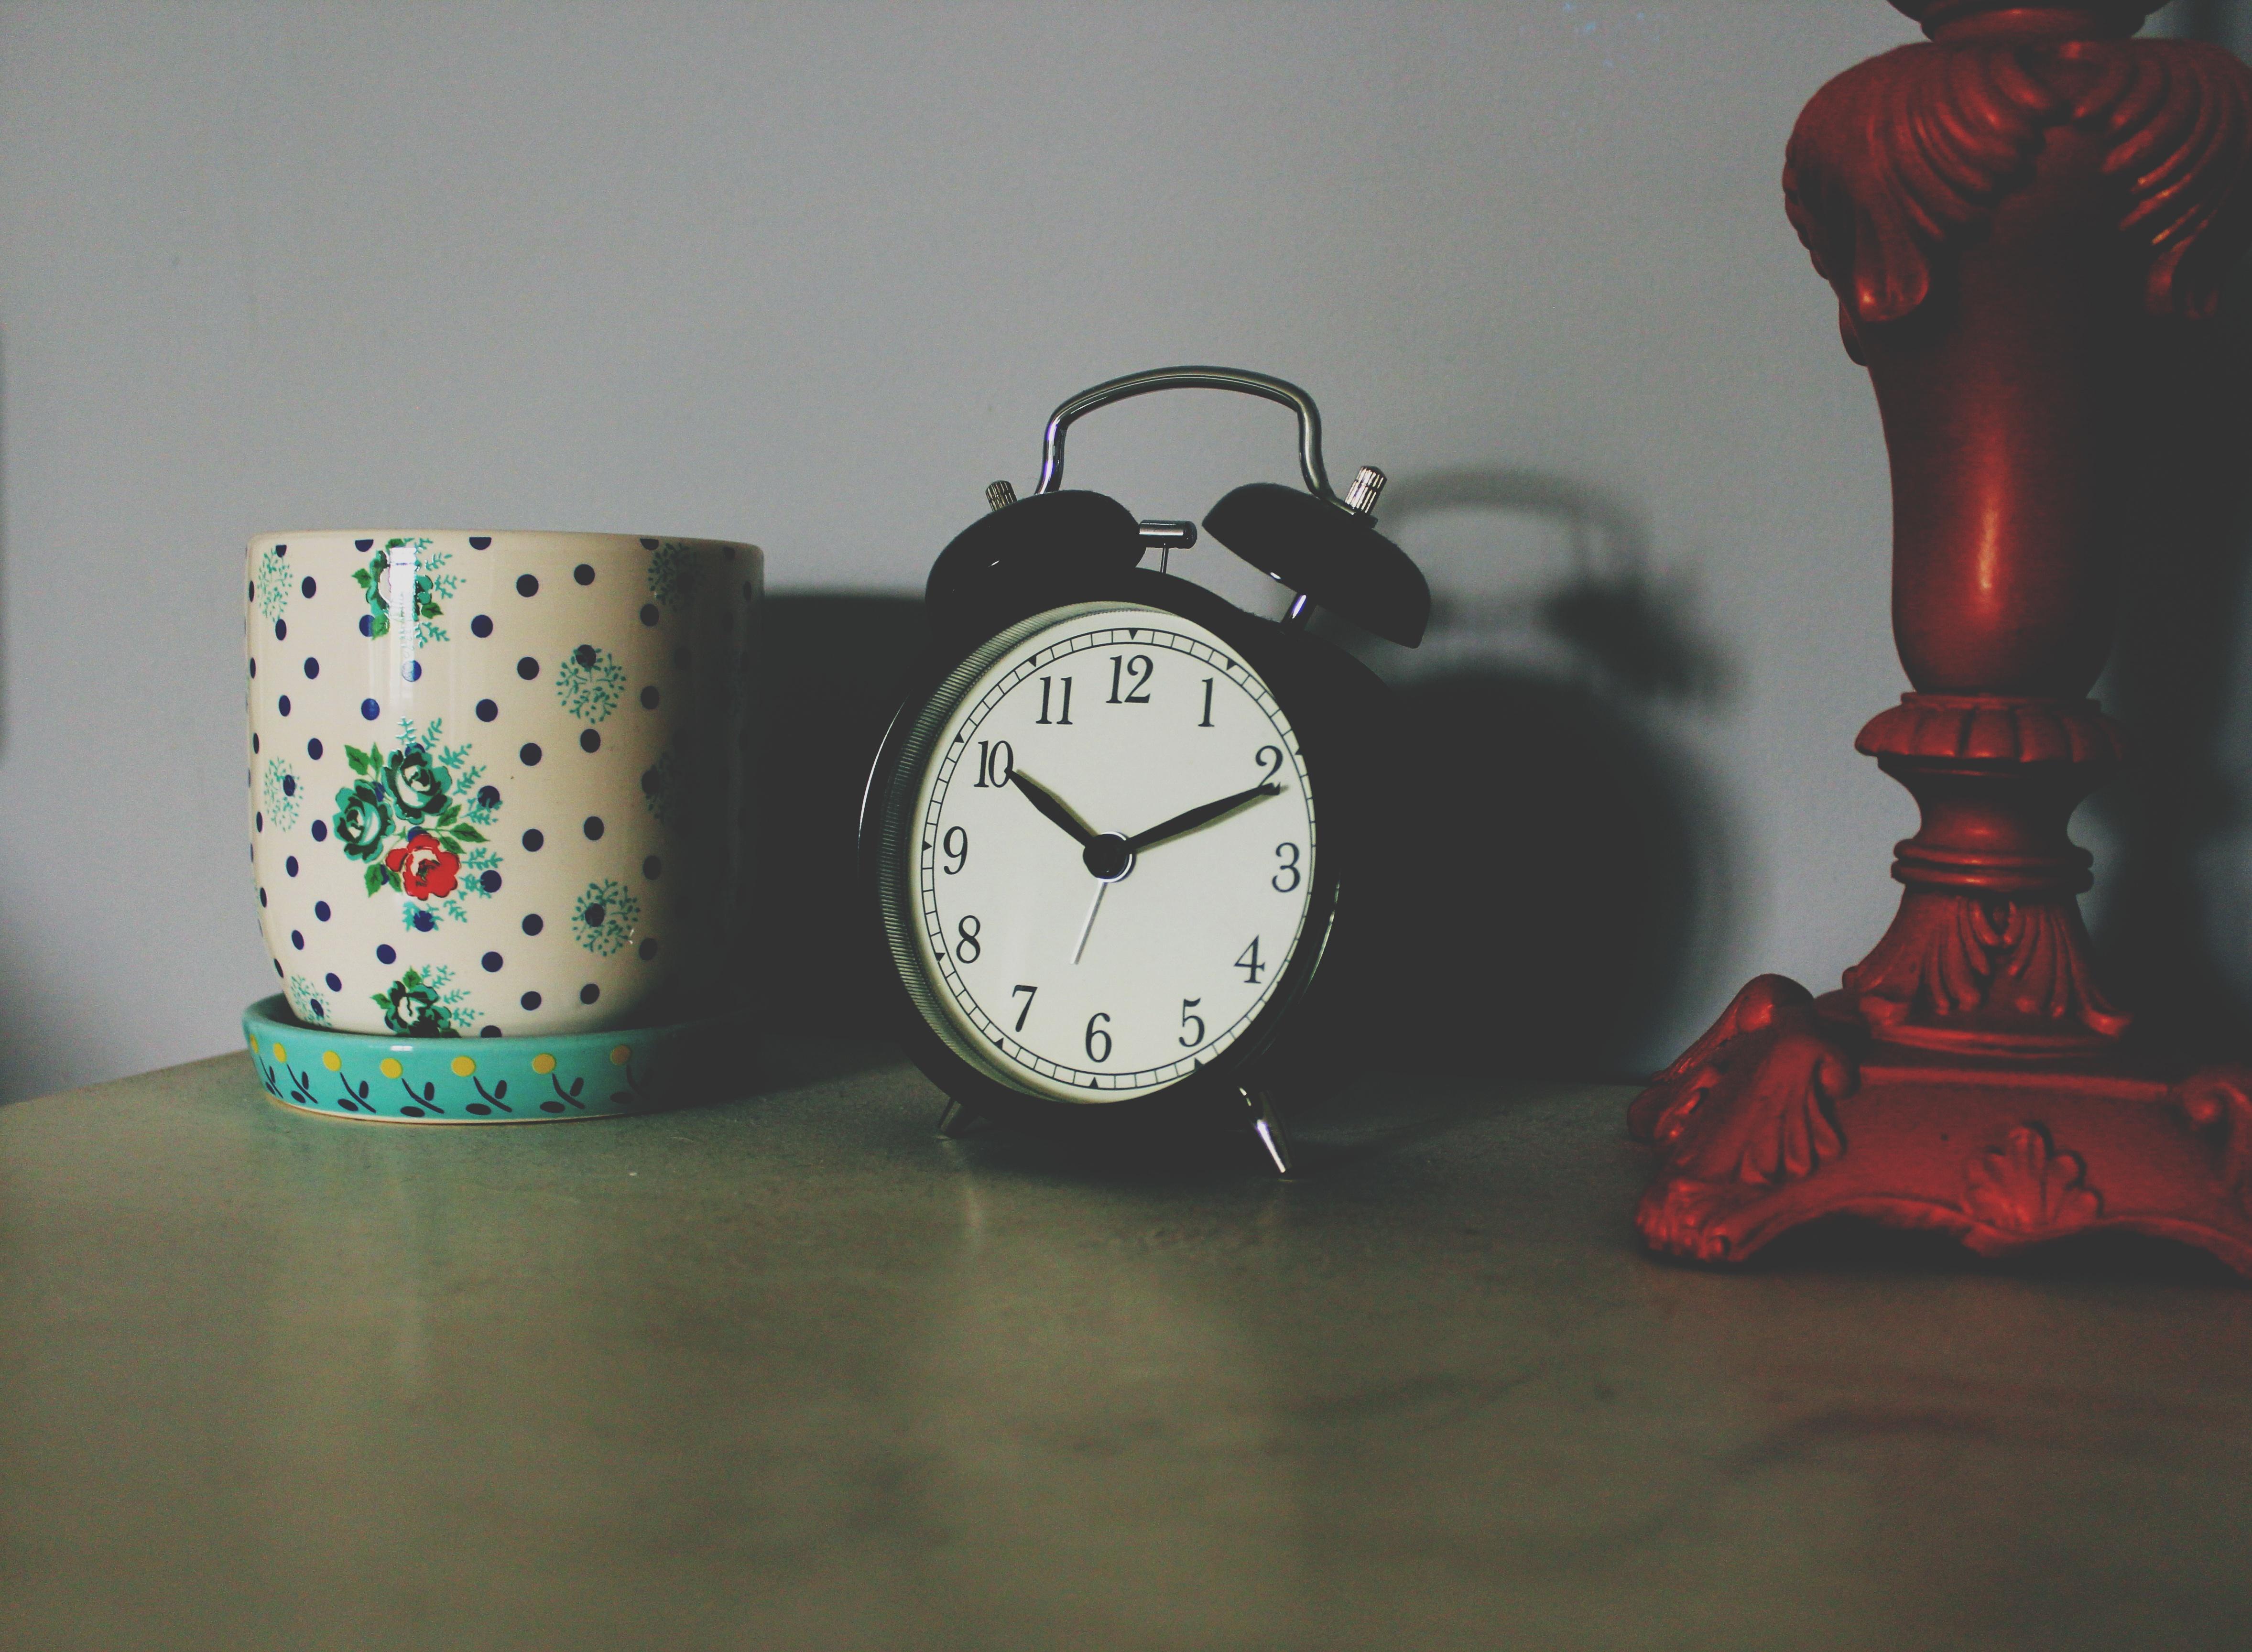 Le Manifeste ULTIME de la gestion du temps : Deviens un vrai GOUROU du temps (PDF offert de mes 7 concepts clés + exercices pratiques)